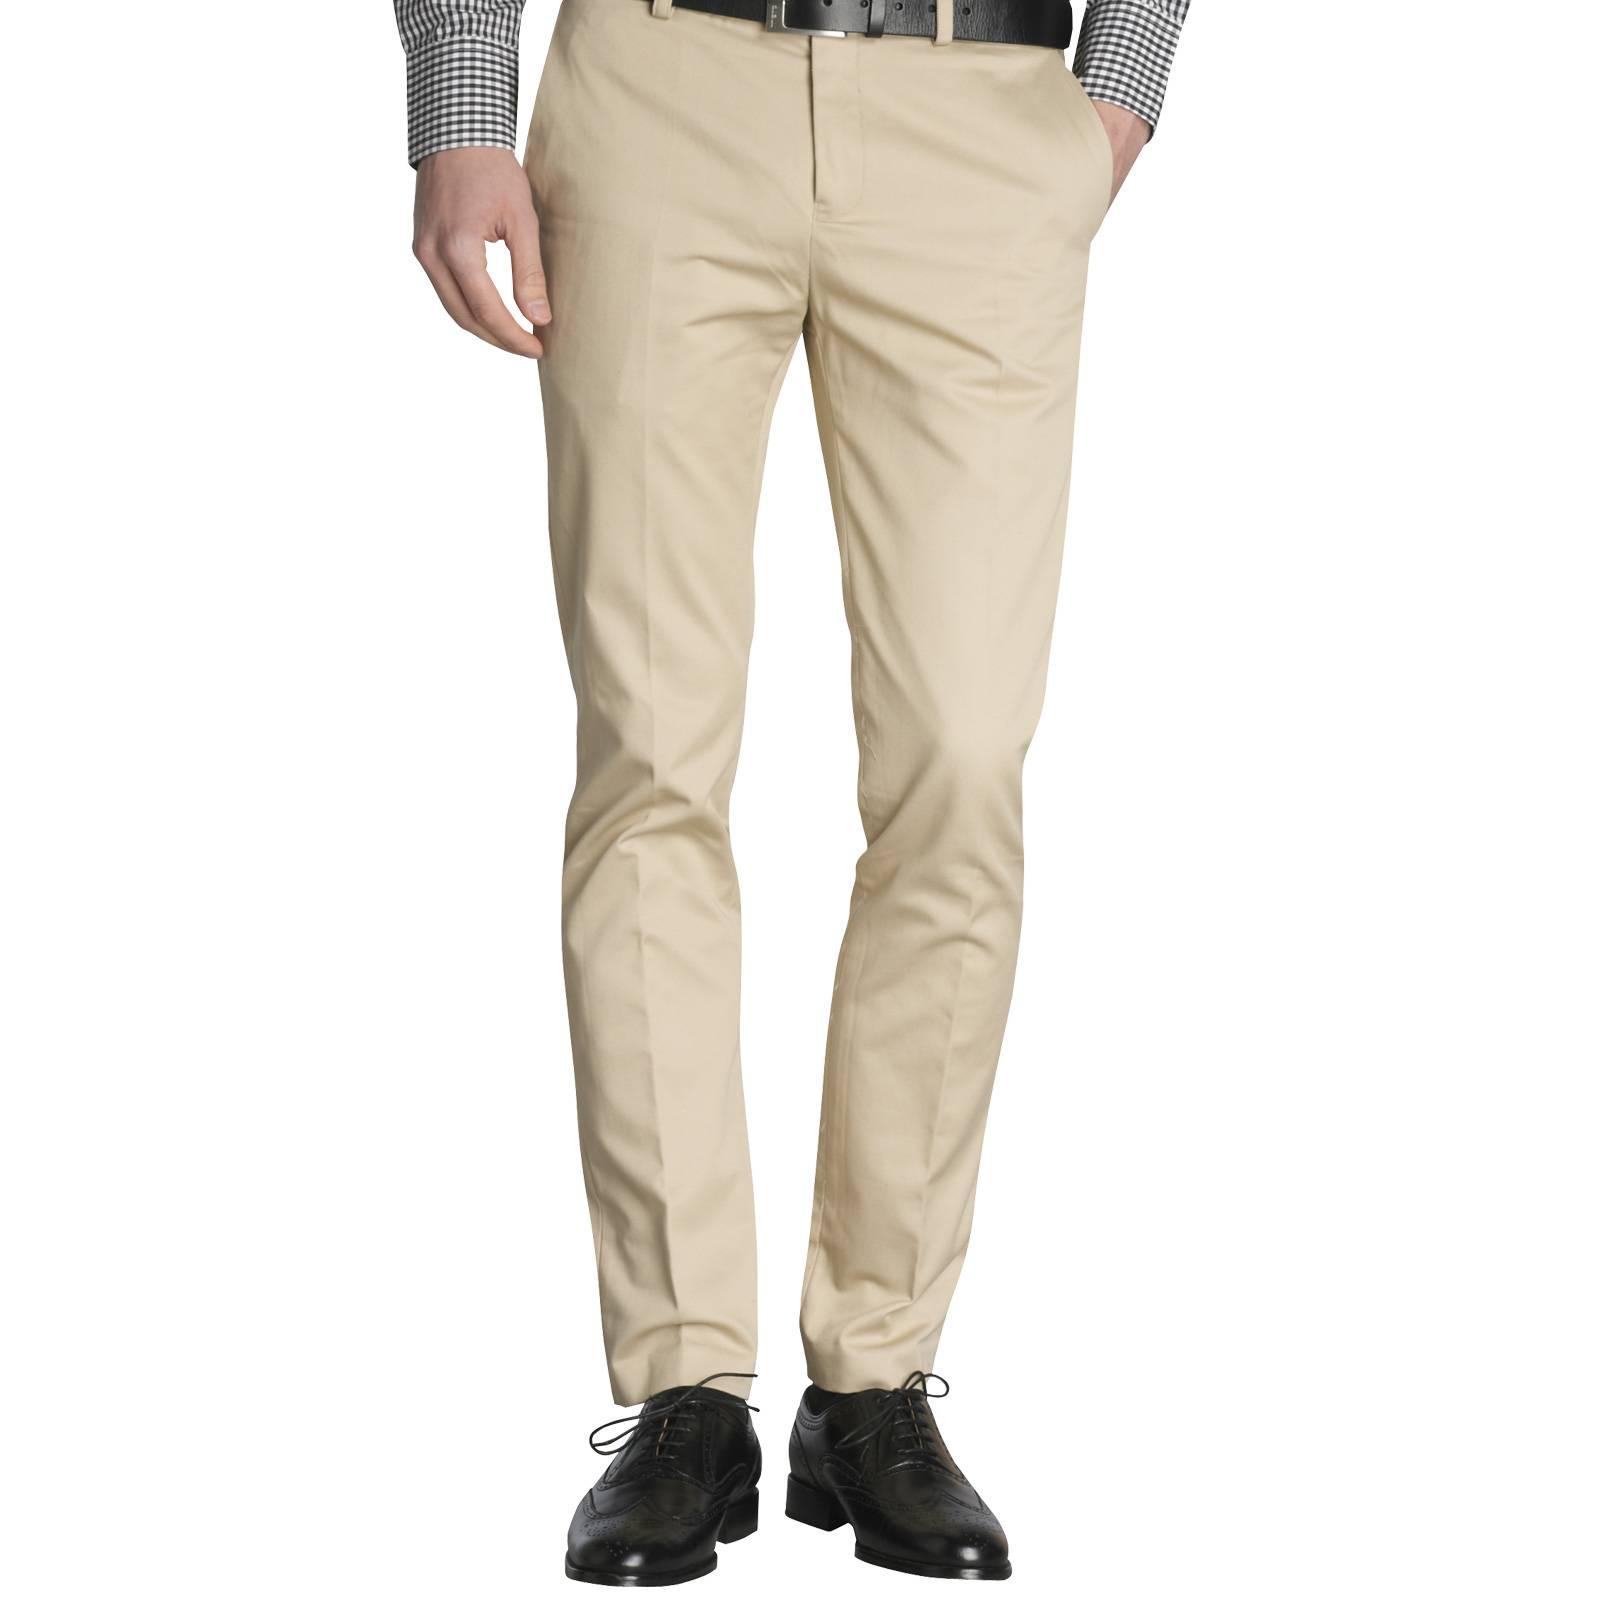 Sta-Prest Брюки WinstonRude Boy by Merc<br>Зауженные брюки классического кроя из плотной комбинированной ткани - модифицированная под современный look ретро модель Sta-Prest, получившая известность в 60-х как одна из первых разновидностей casual брюк, сужающихся к низу. Моды сочетали их с Лоферами, Челси и полосатыми блейзерами, а &amp;amp;quot;традиционные скинхеды&amp;amp;quot; и сьюдхеды - с тяжелыми ботинками фирмы Dr. Martens, клетчатыми рубашками, узкими подтяжками и пальто кромби. &amp;lt;br /&amp;gt;<br>&amp;lt;br /&amp;gt;<br>Первоначально эти брюки имели высокую талию, и их было принято носить подвернутыми или на итальянский манер - до уровня лодыжки. Сегодня они абсолютно универсальны, имеют стандартную посадку и несколько вариантов длинны. Их можно комбинировать с рубашками или поло, топсайдерами или классическими кроссовками. &amp;lt;br /&amp;gt;<br>&amp;lt;br /&amp;gt;<br>Преимуществом данной модели является то, что на них почти не образуется помятостей и складок, а стрелка остается ровной и очерченной после множества стирок без использования утюга.<br><br>Артикул: 1210201<br>Материал: 65% хлопок 35% полиэстер<br>Цвет: кремовый<br>Пол: Мужской